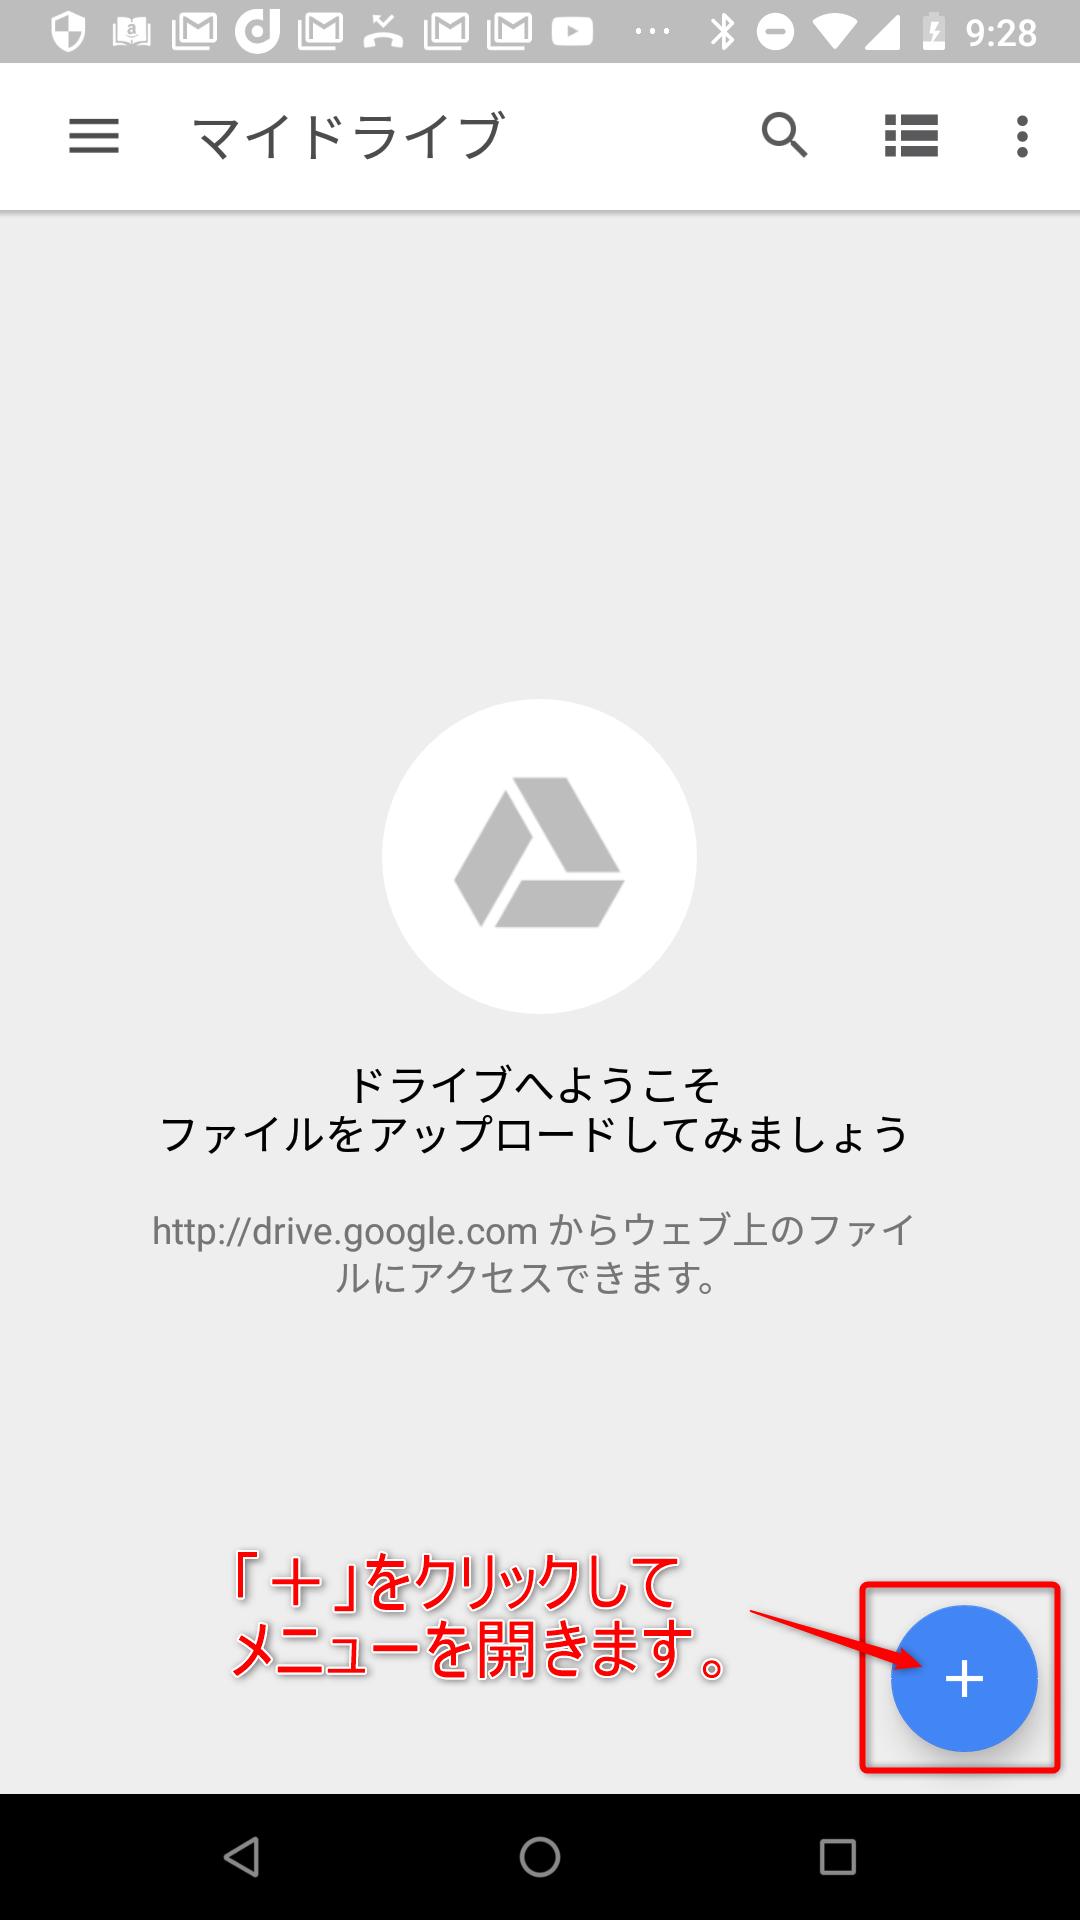 Android Googleドライブ